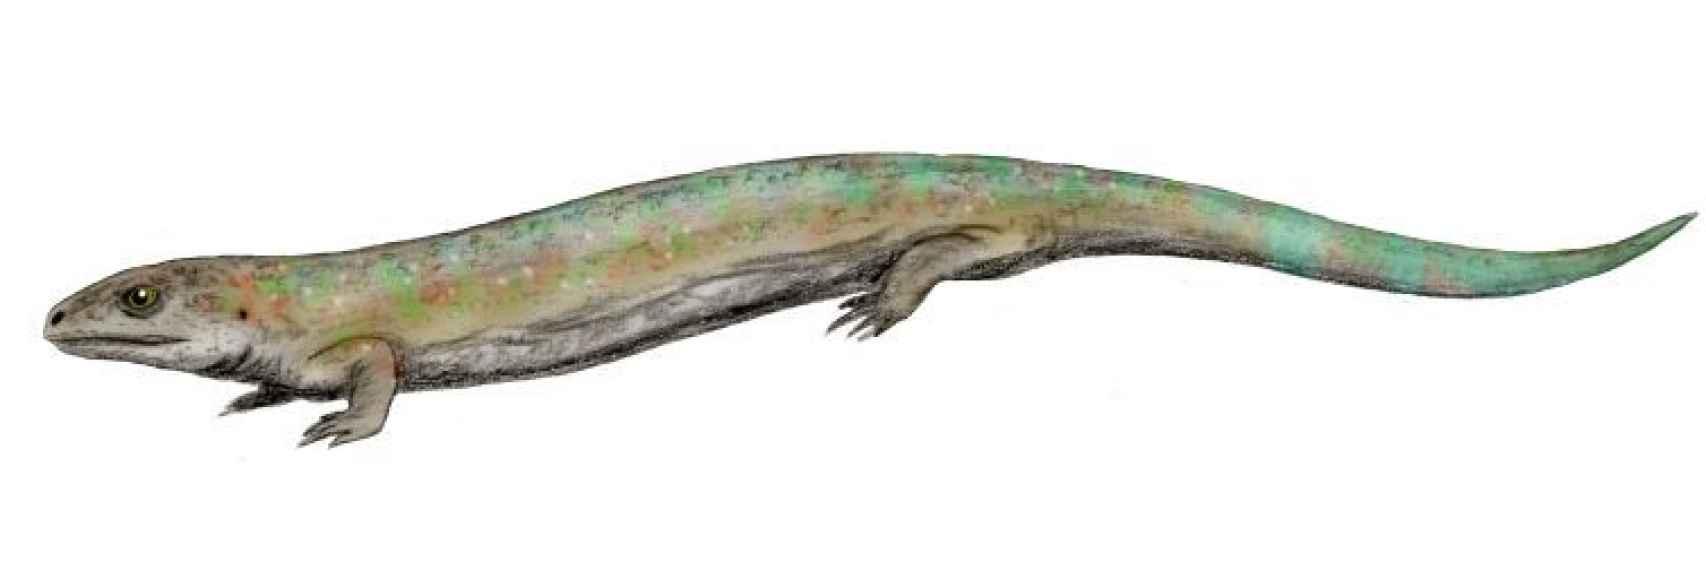 Reconstrucción del Westlothiana lizziae, un fósil carbonífero hallado en Escocia.